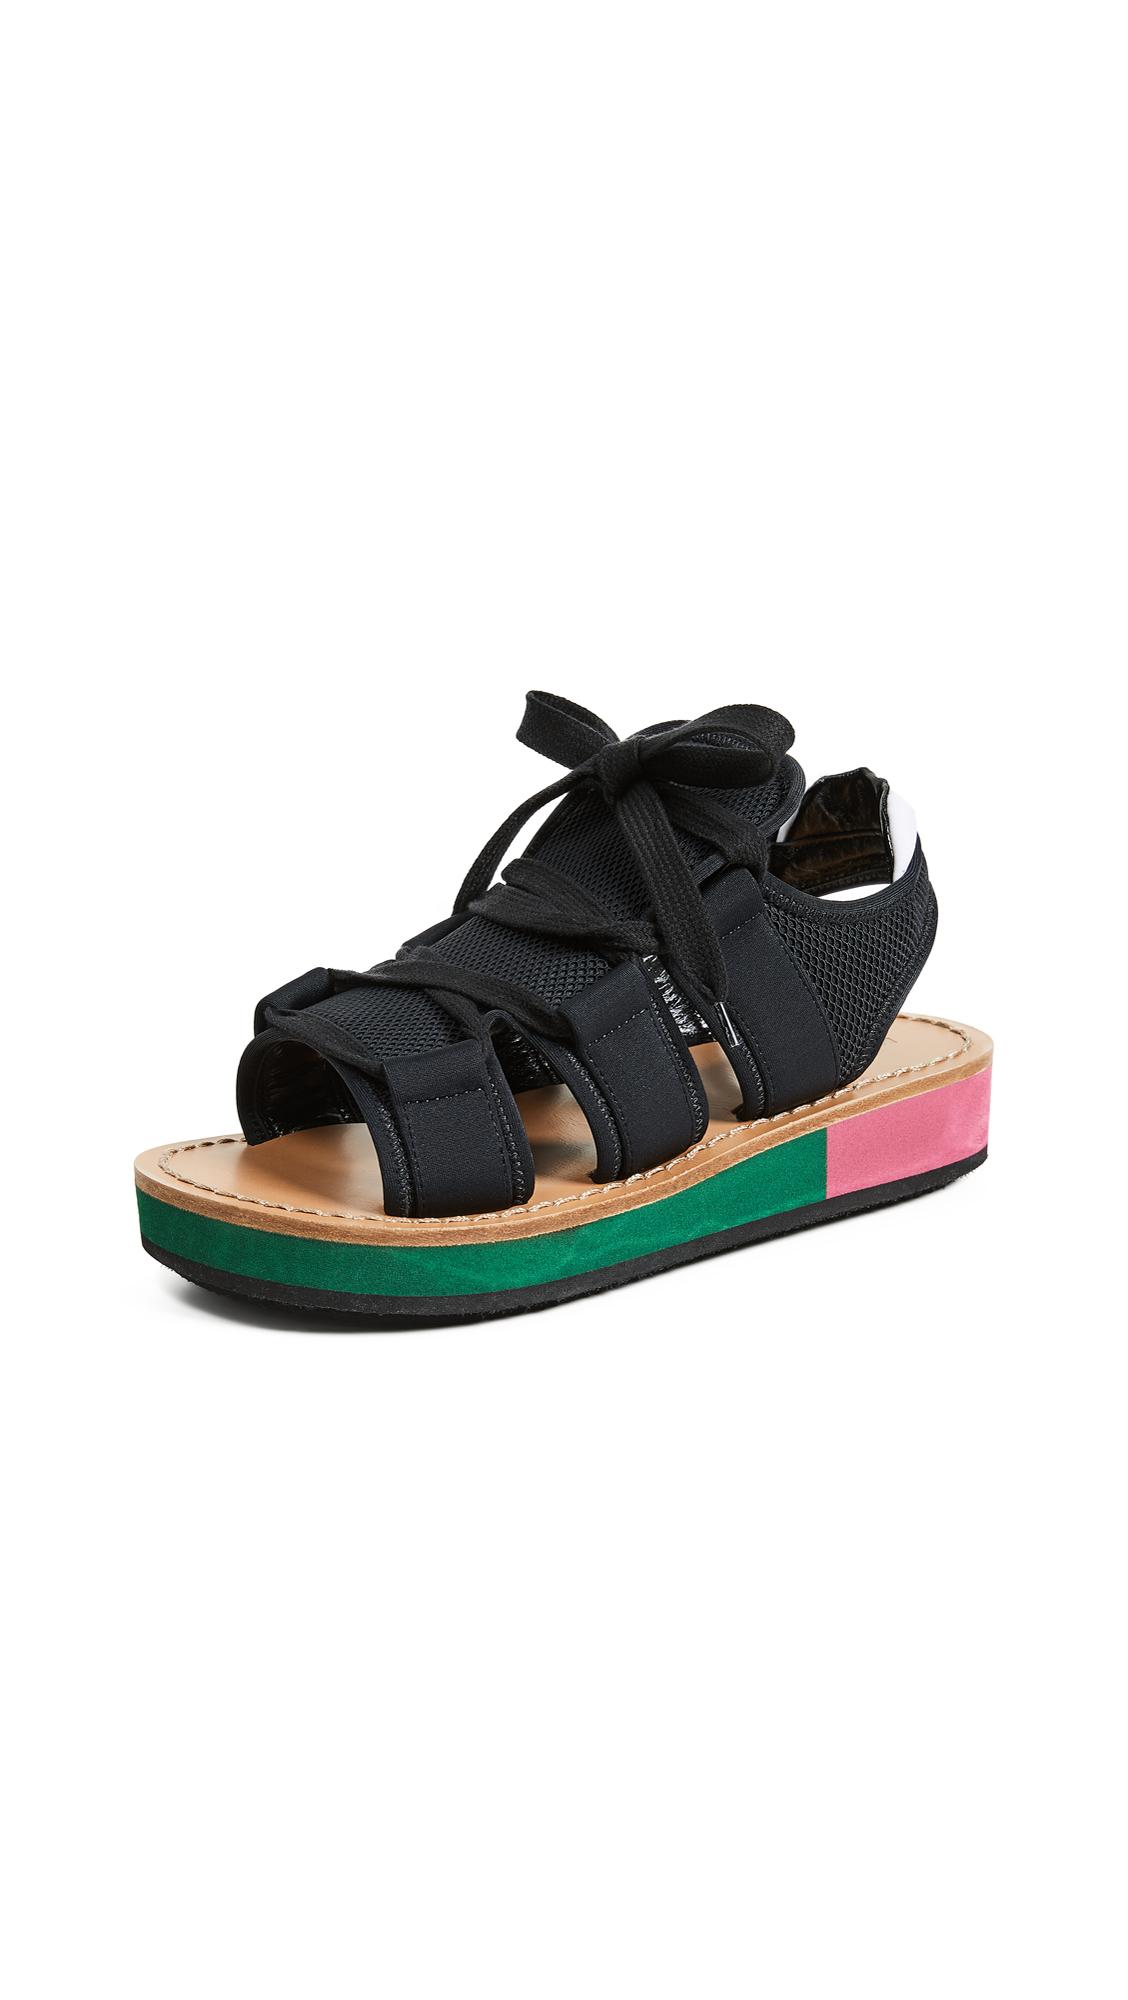 84b2e70696e Marni Wedge Sandals In Black Black Lily